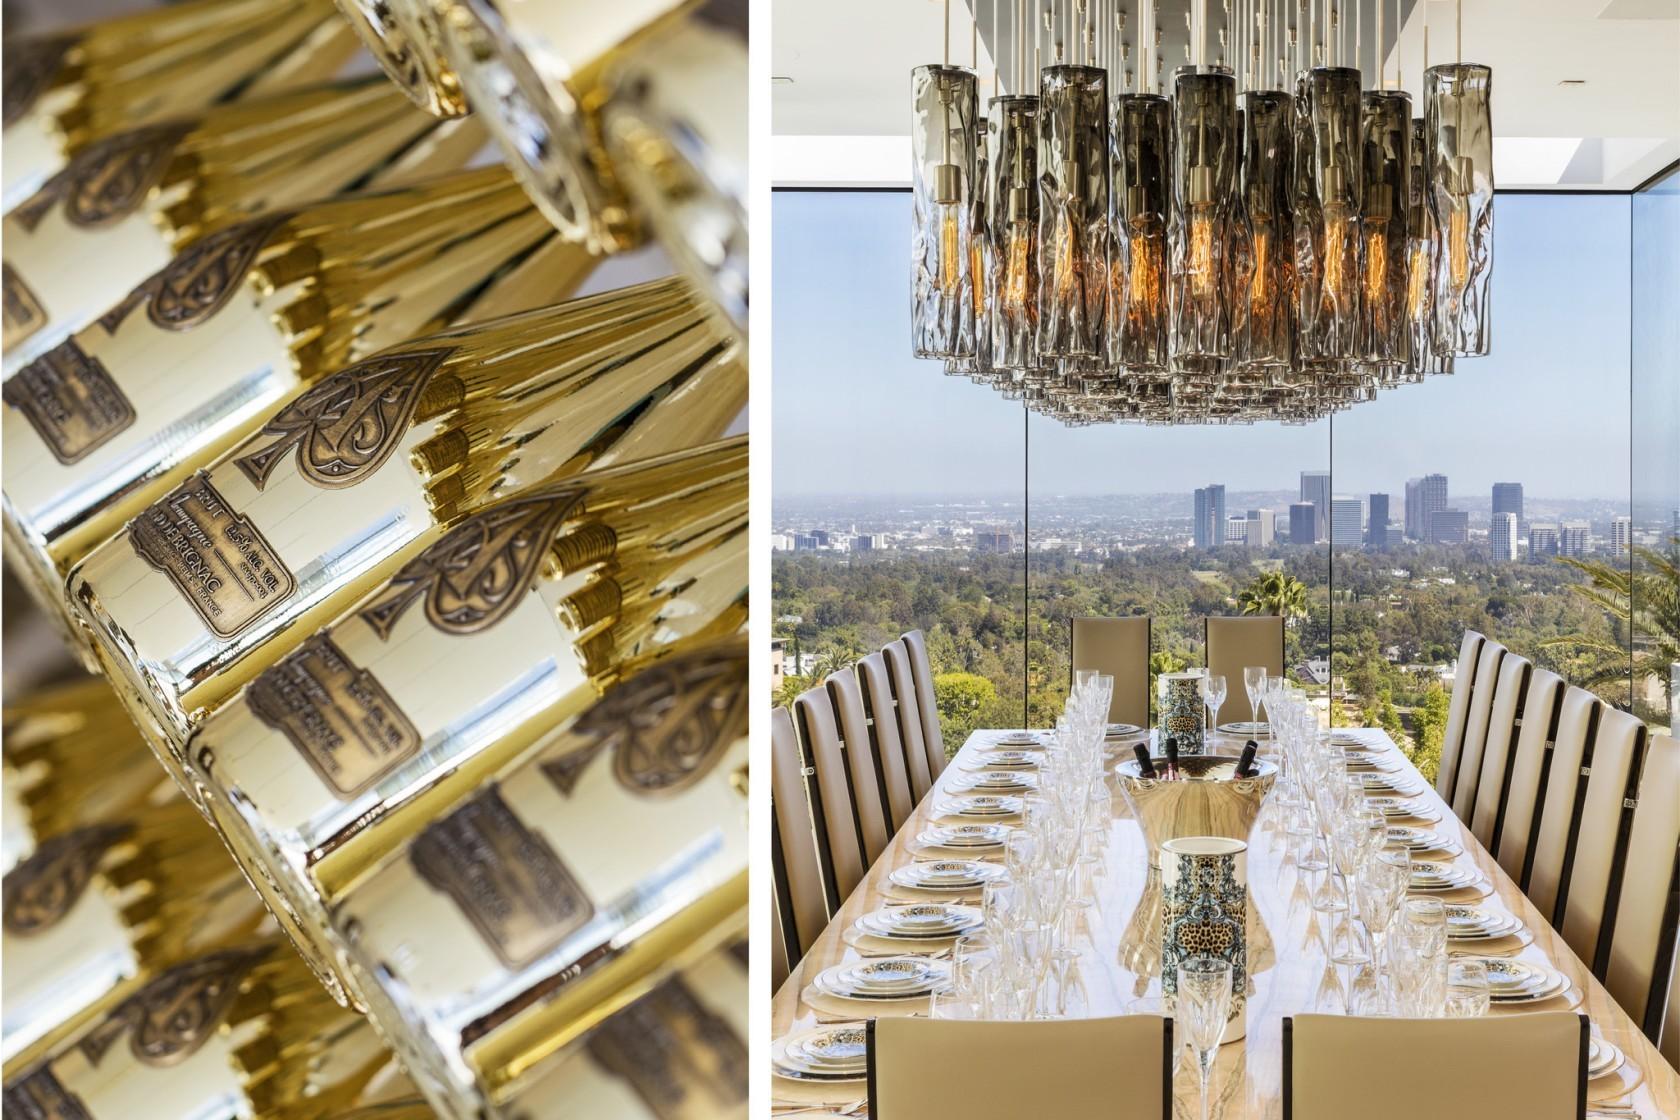 Traumhaus in Bel Air: Dieses $250 Millionen Dollar Anwesen wechselt für $94 Millionen den Besitzer 13